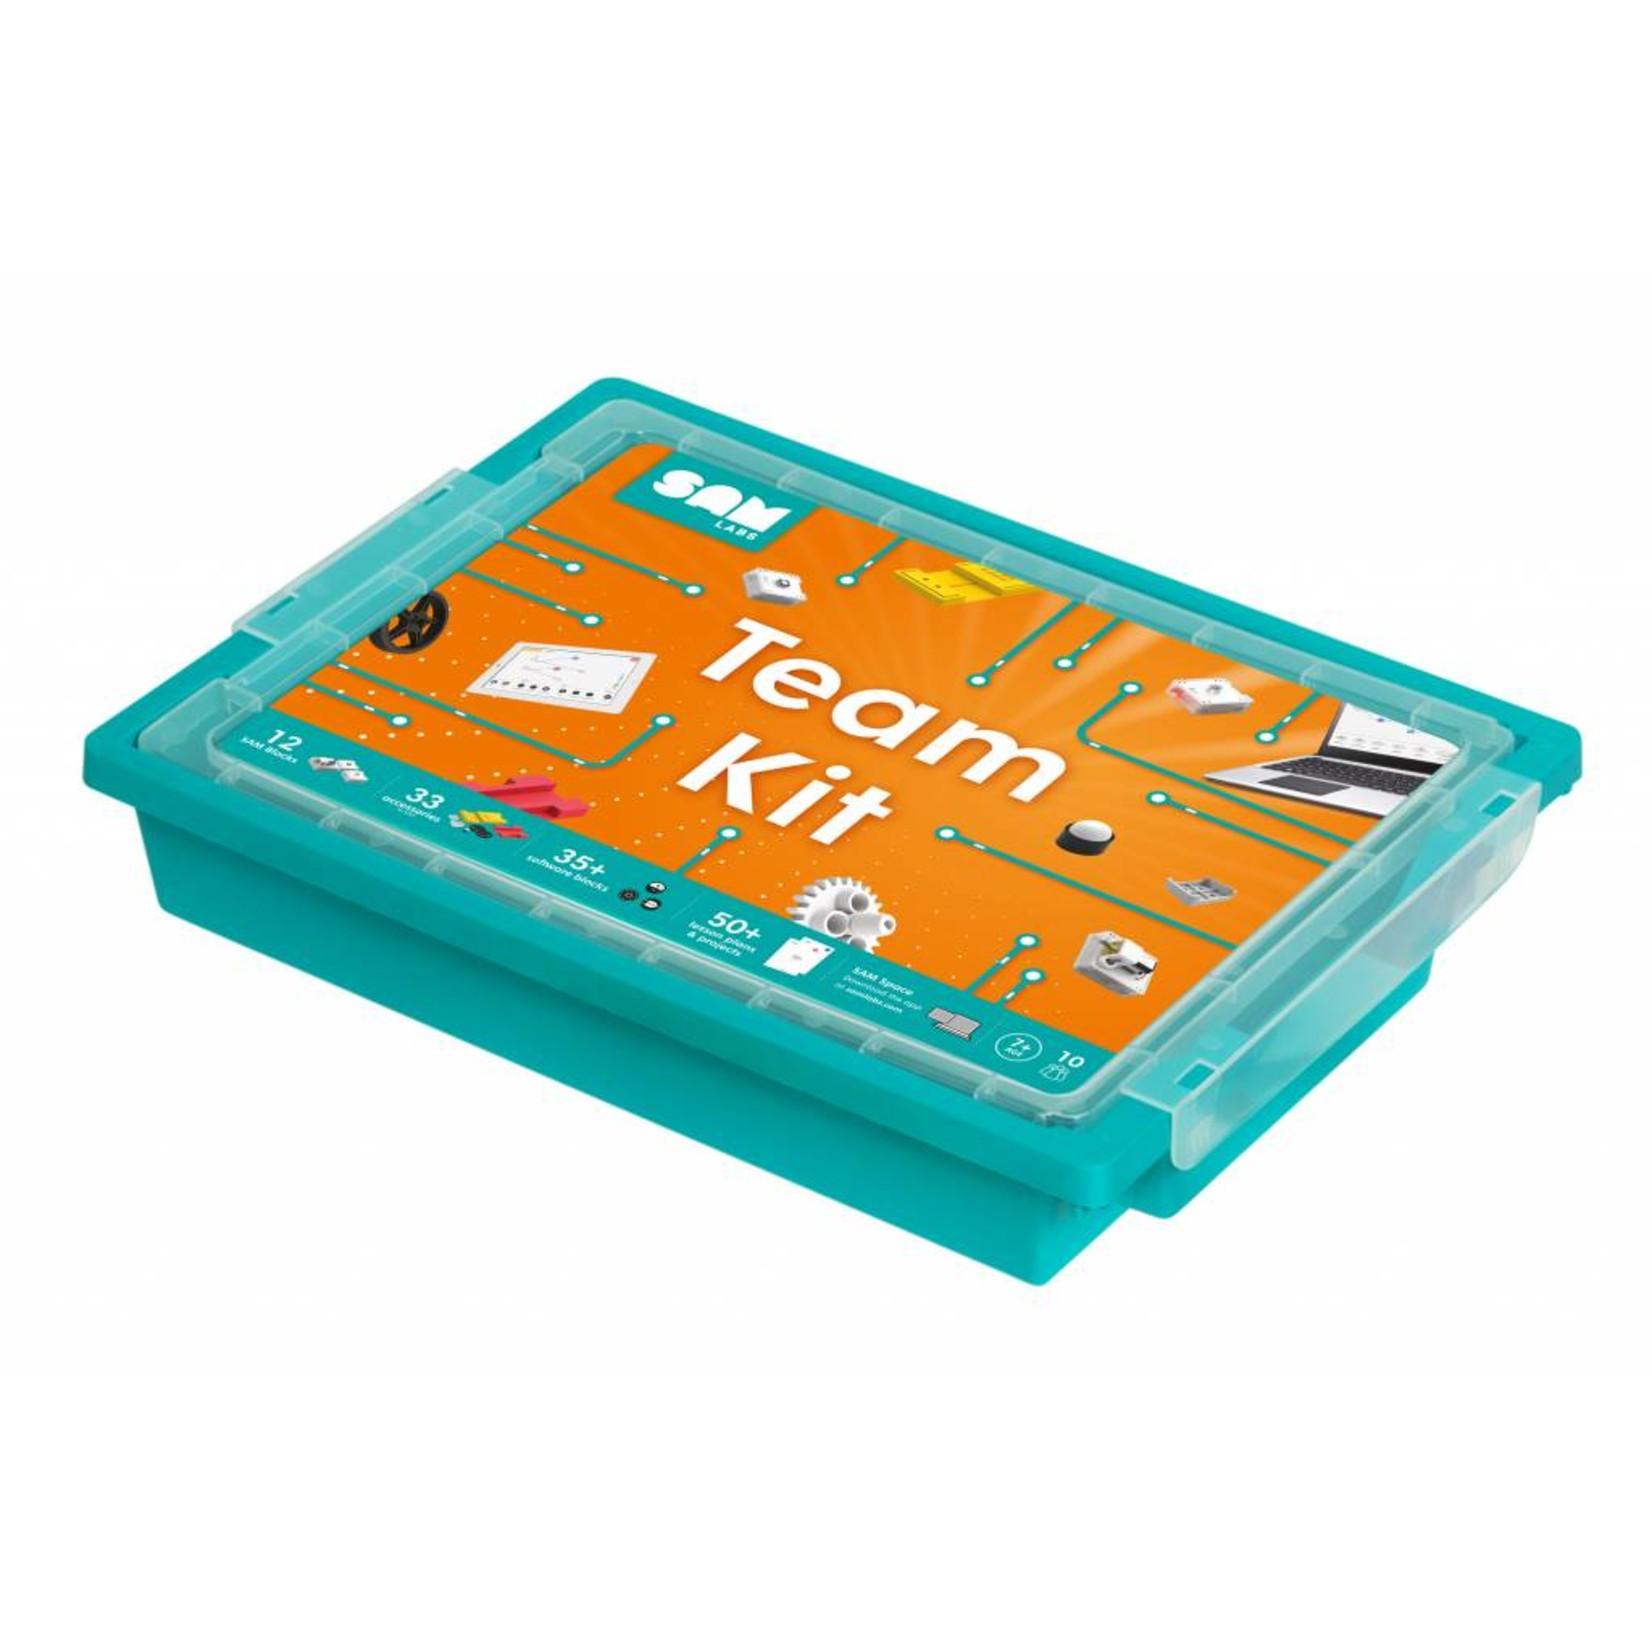 SAM Labs Team Kit